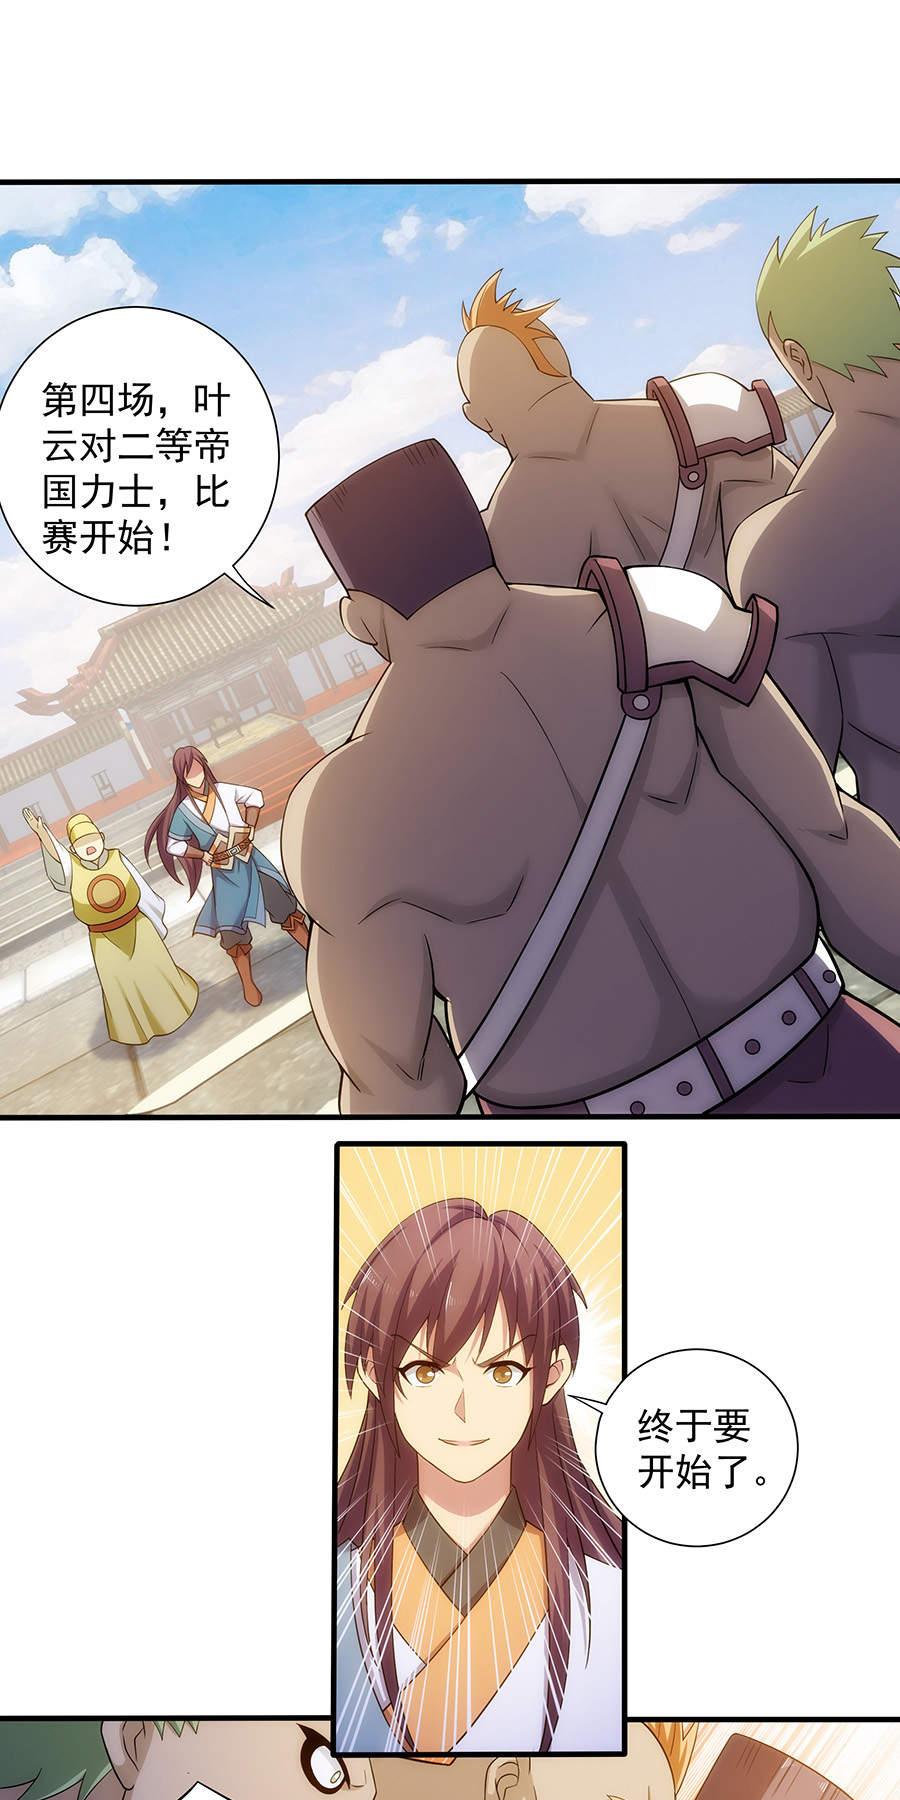 绝世剑神第23话  互不服输 第 6